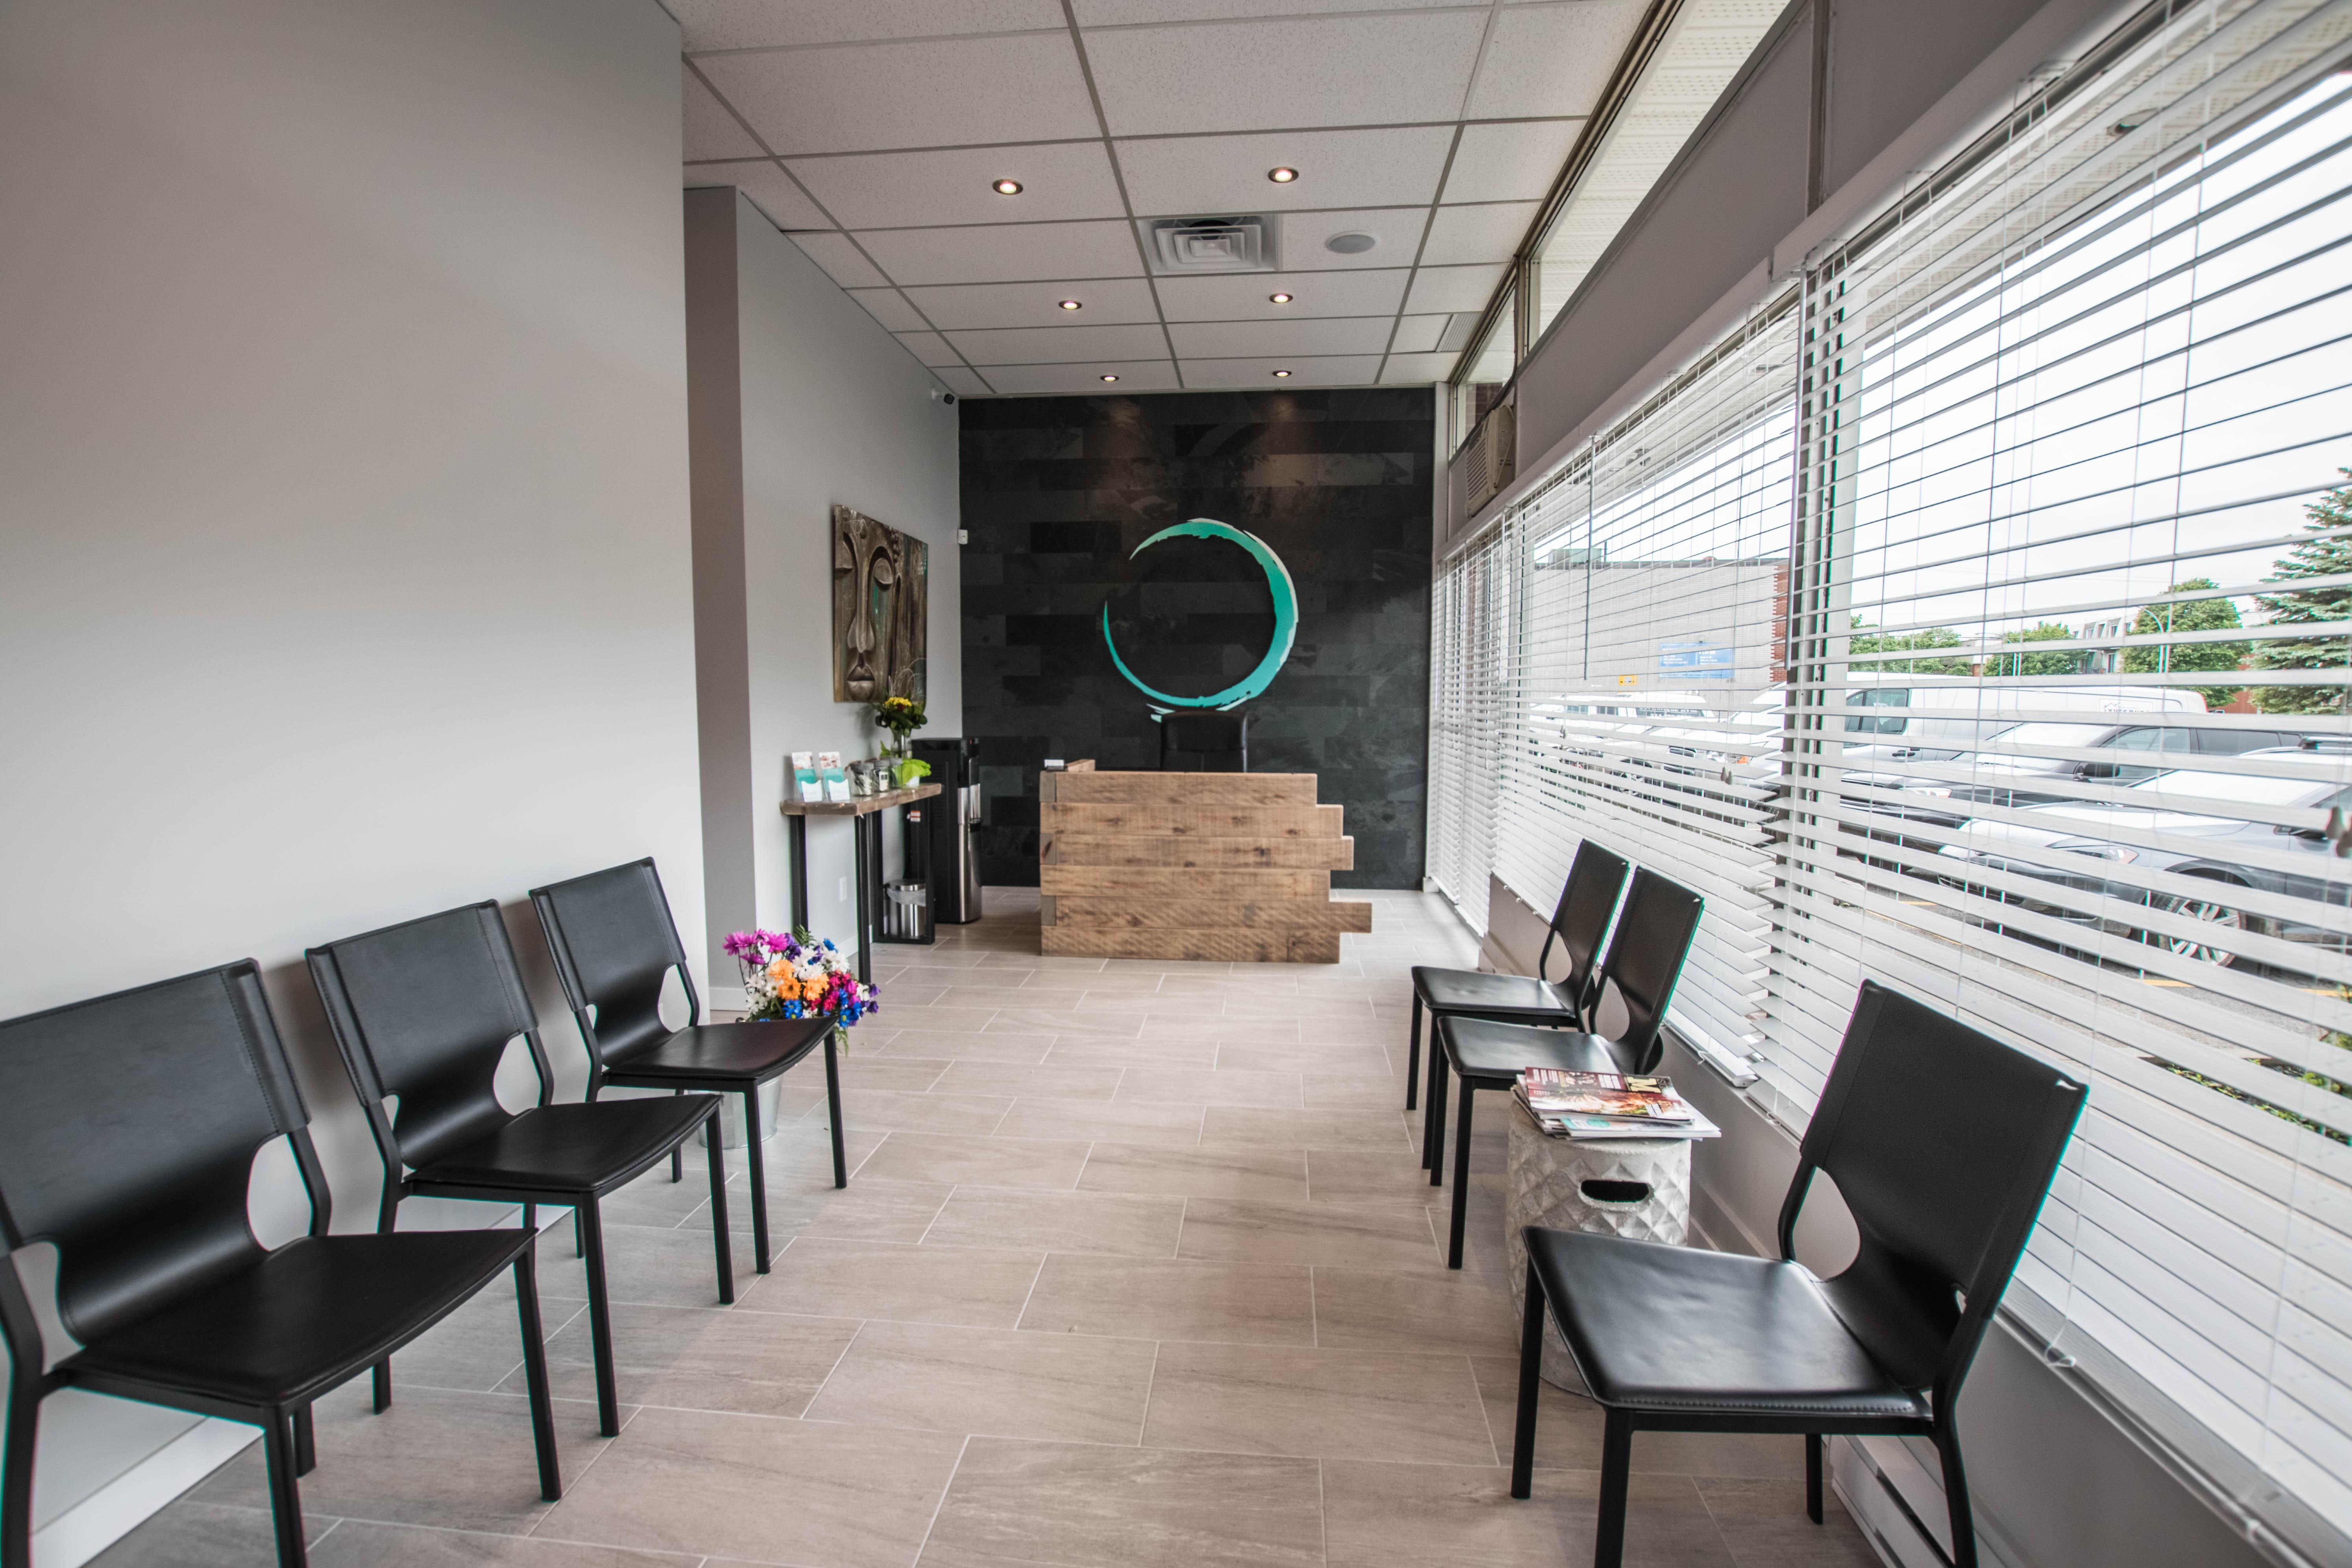 Salle d'attente de la Clinique O ostéopathie